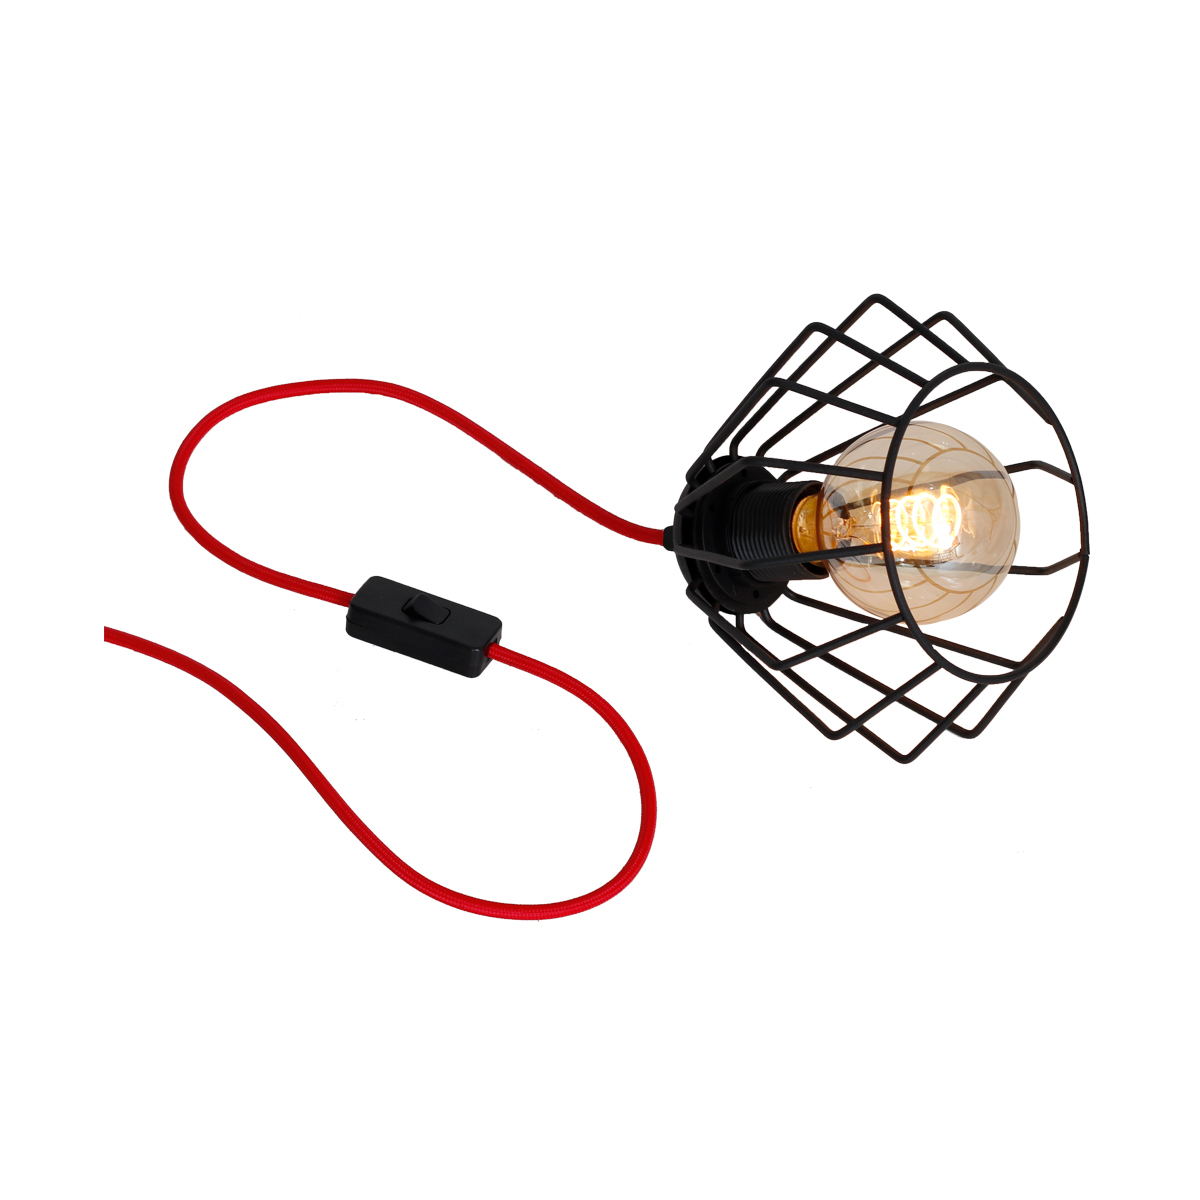 klosz czarny ( kabel w czerwonym oplocie )